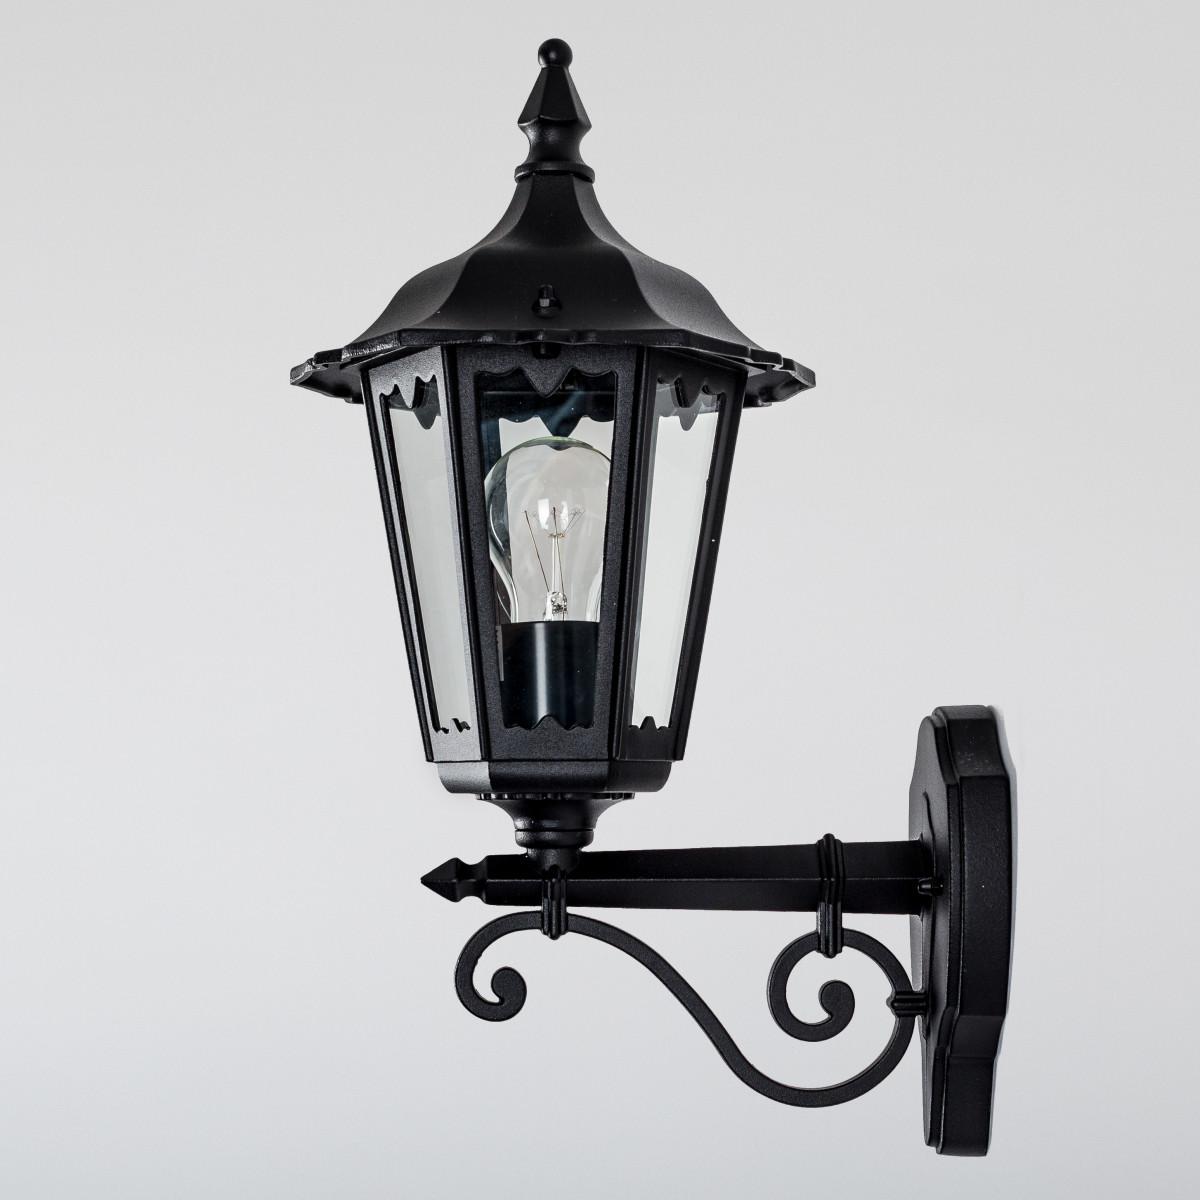 Buitenlamp Sfeero staand Dag Nacht sensor LED Schemersensor